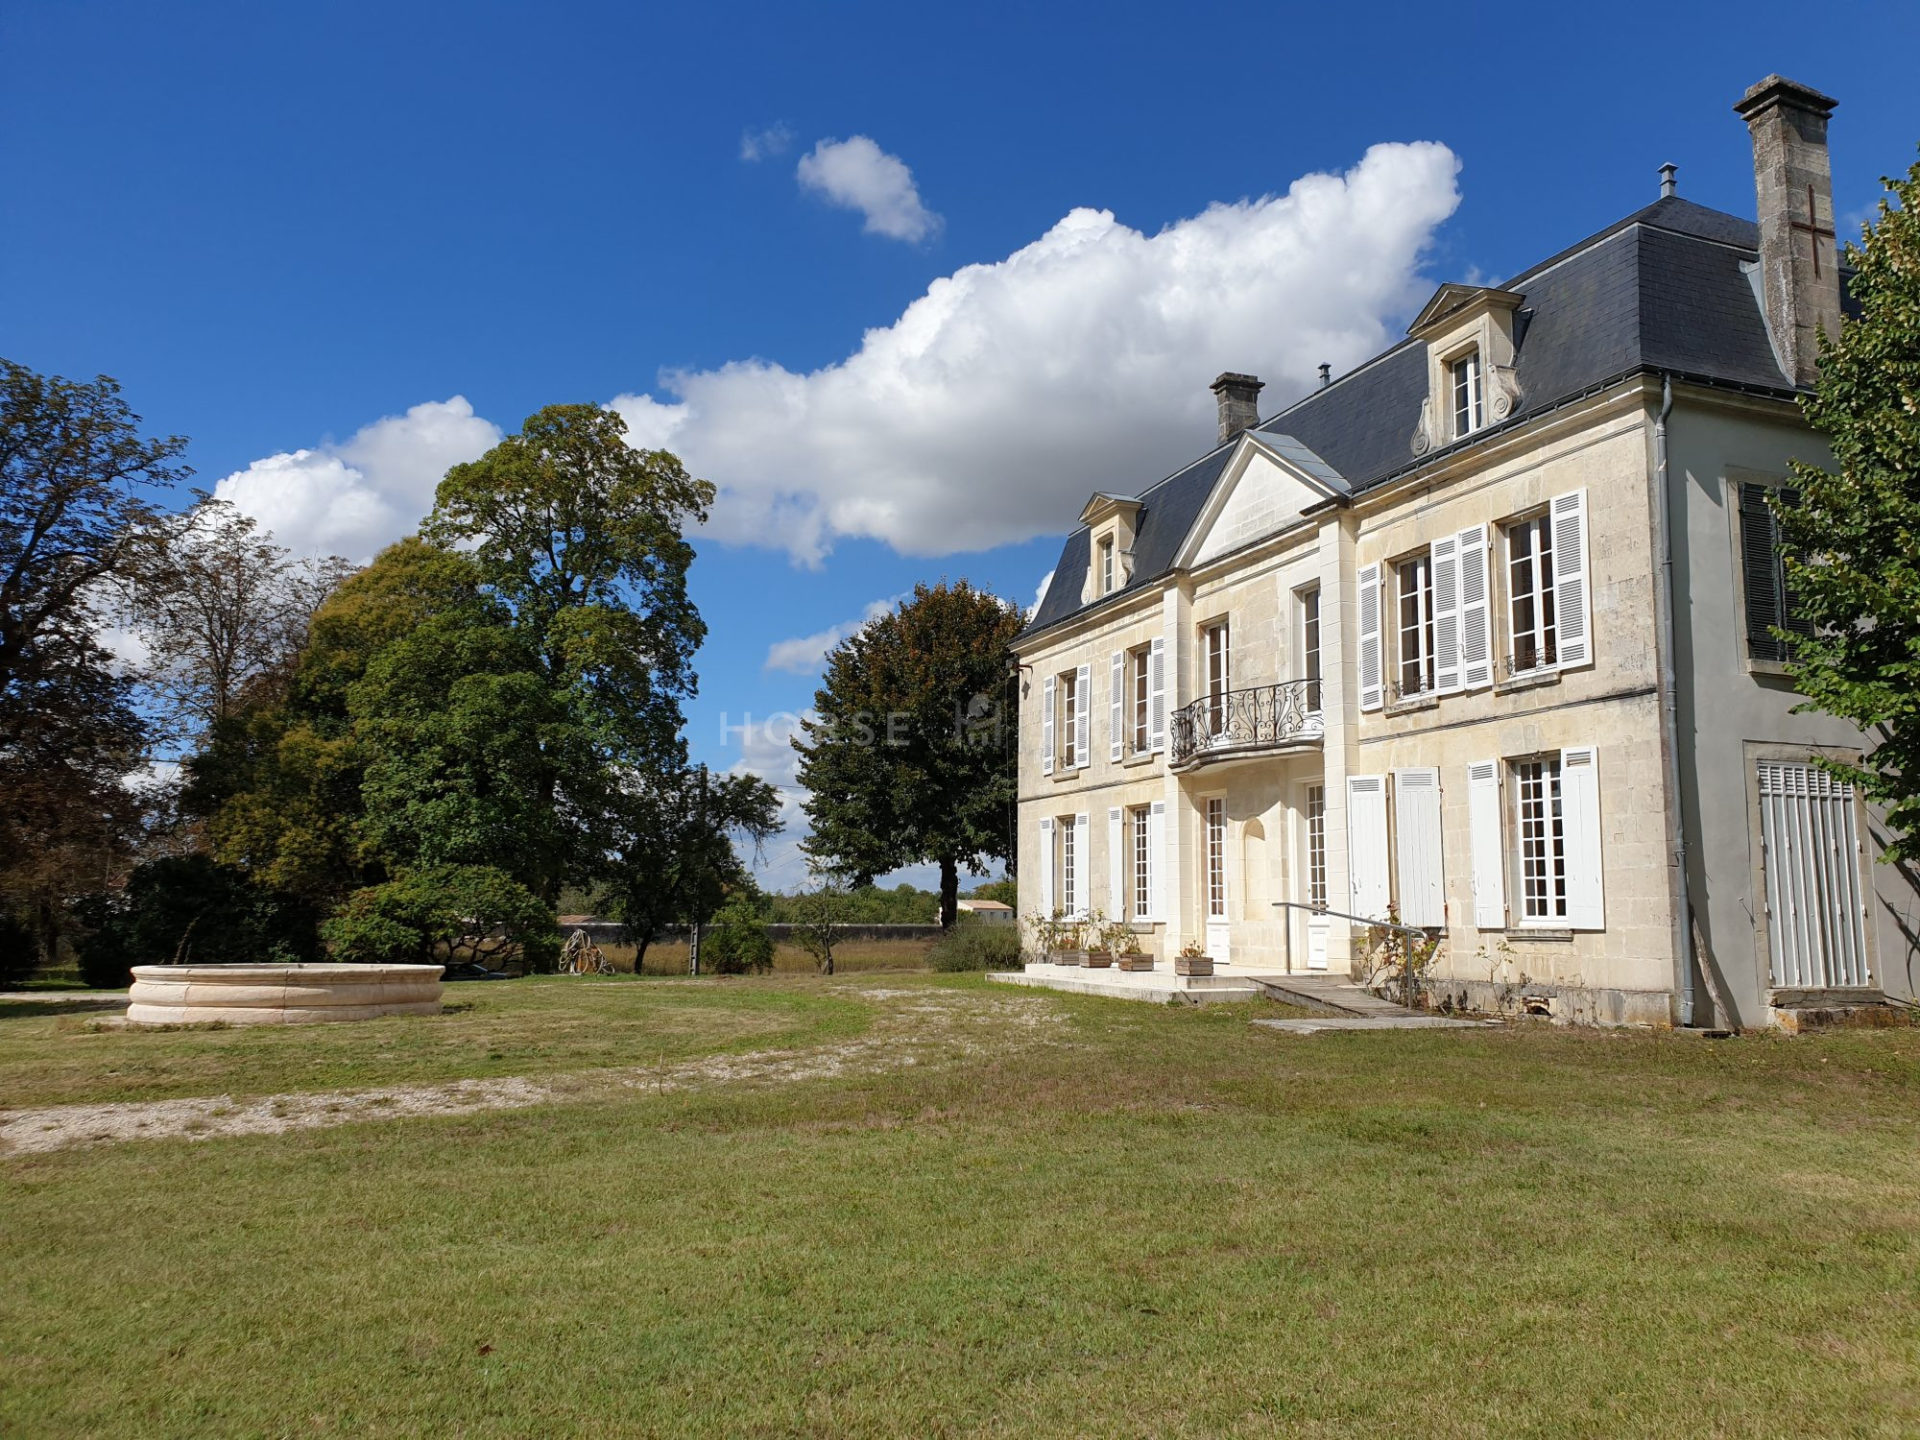 1614337291 VM1666 3 original 1920x1440 - Château et ses 2 logements sur 30ha clos de murs